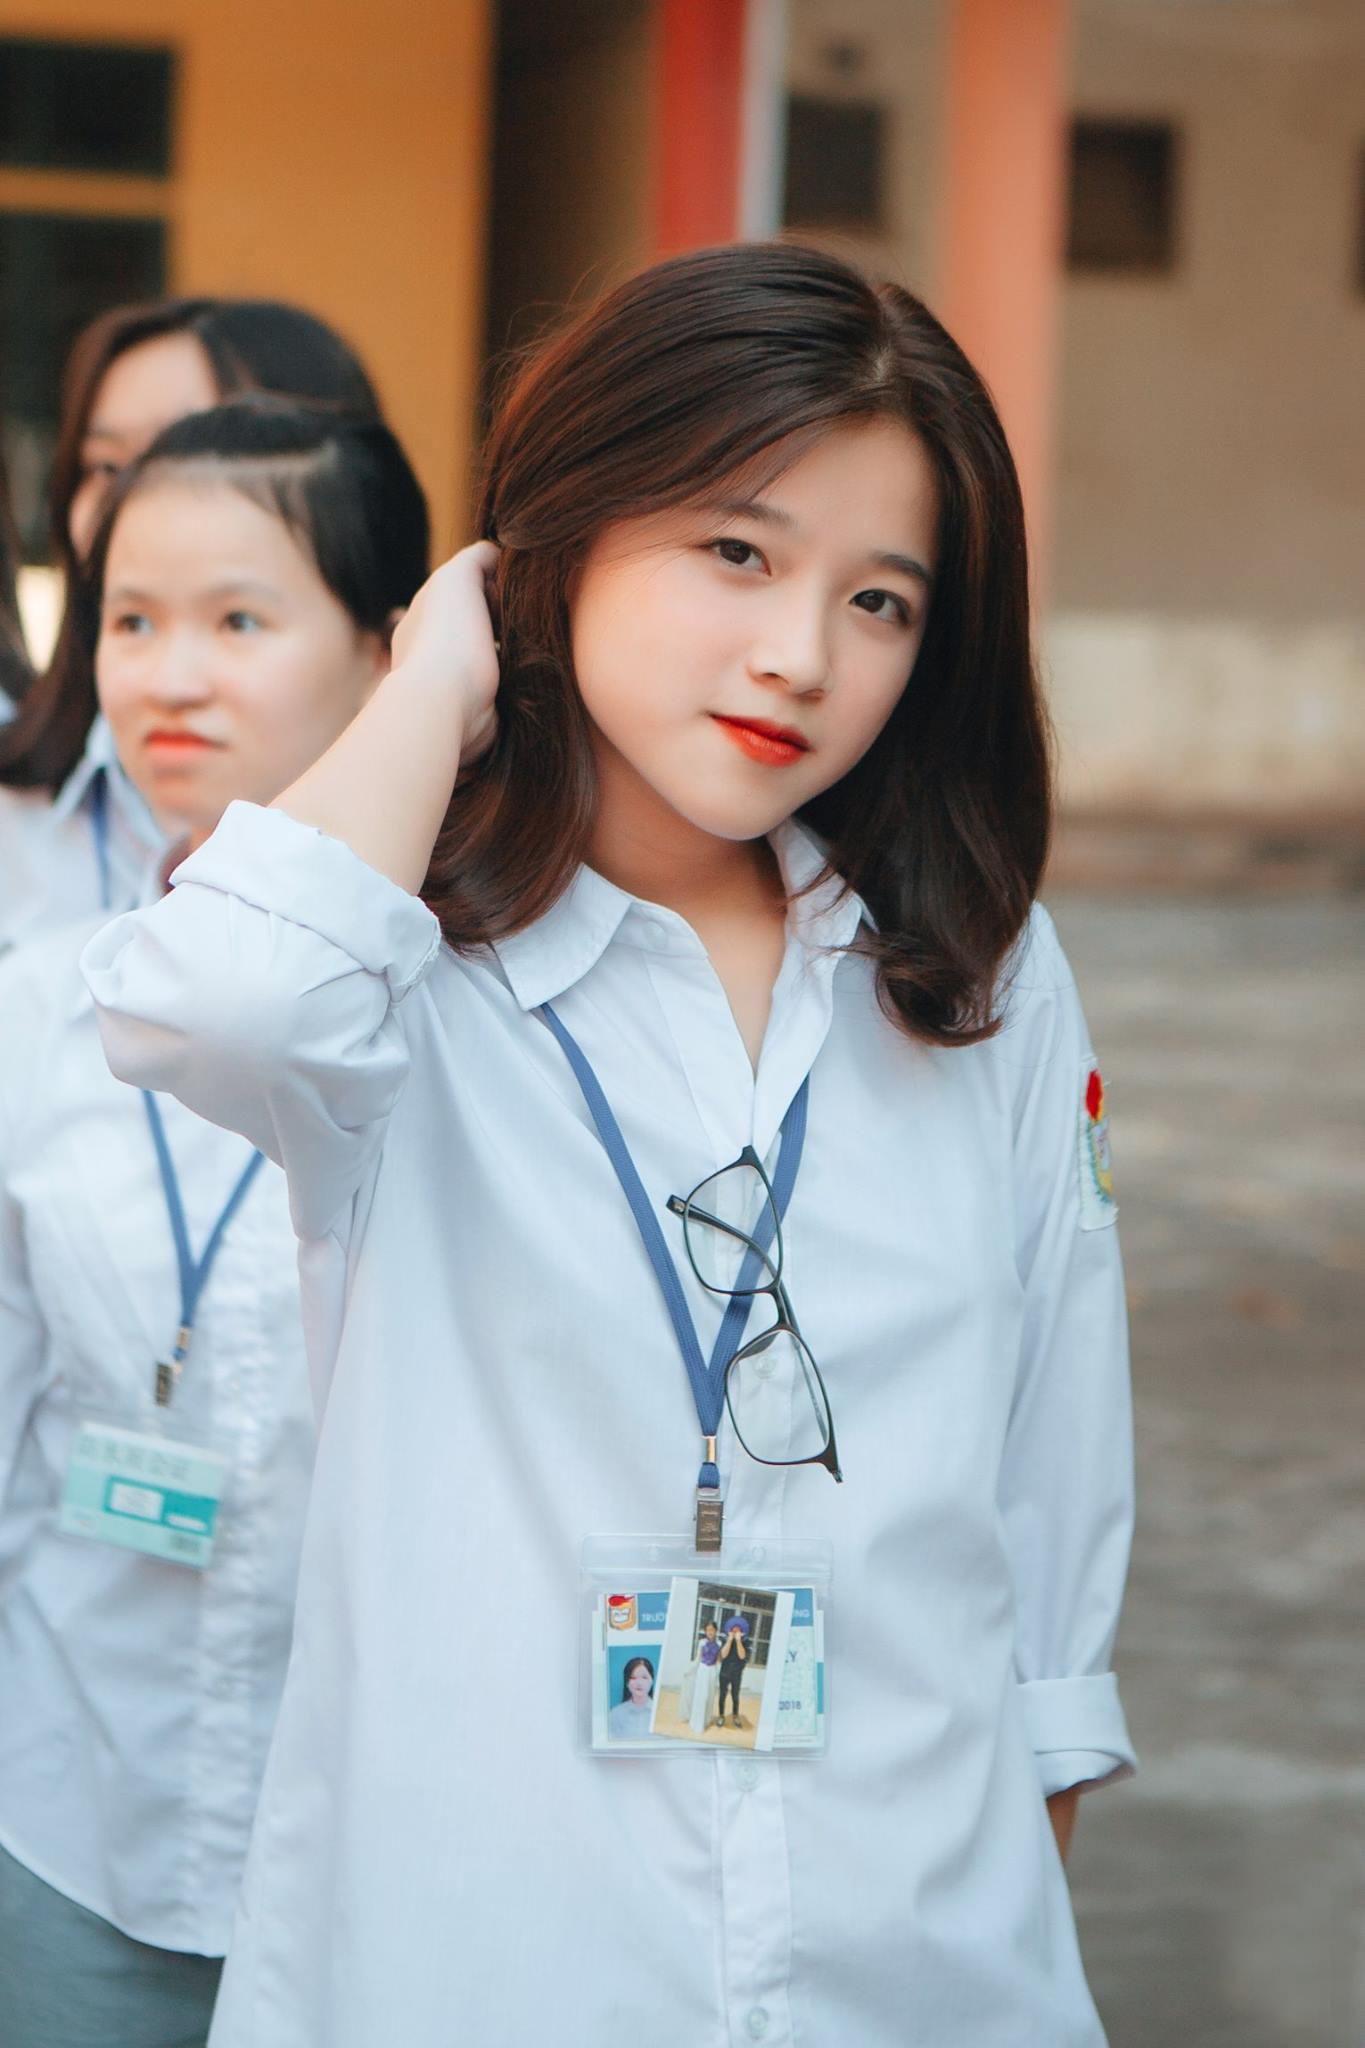 10x Phú Thọ xinh xắn, bất ngờ nổi tiếng vì có gương mặt giống Linh Ka - Ảnh 3.